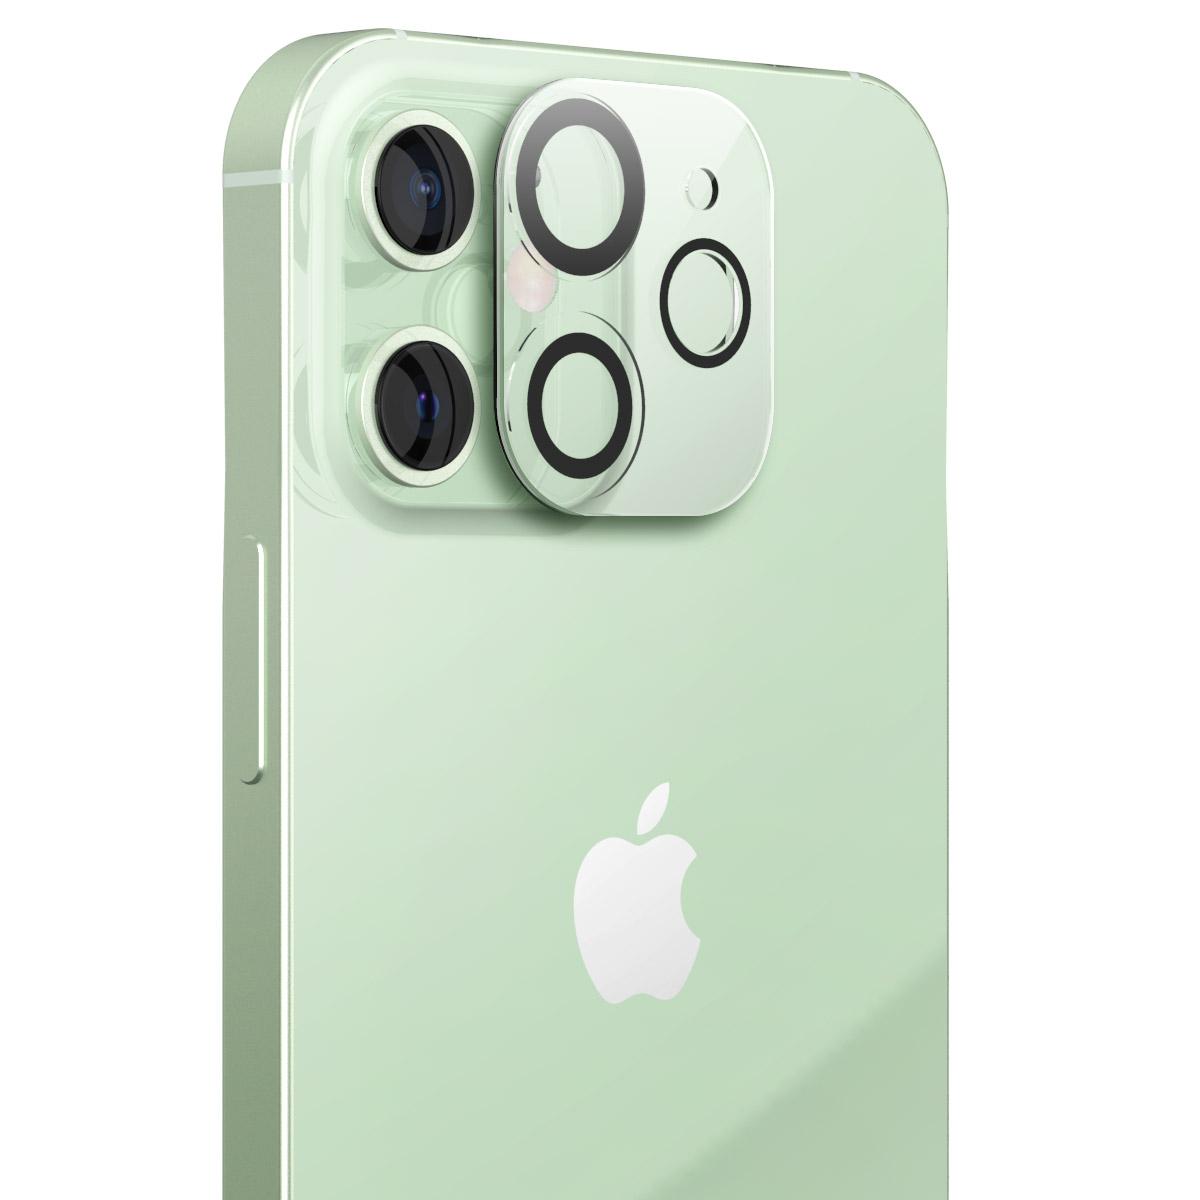 아라리 C서브 카메라 강화유리 렌즈 휴대폰 보호필름, 1세트